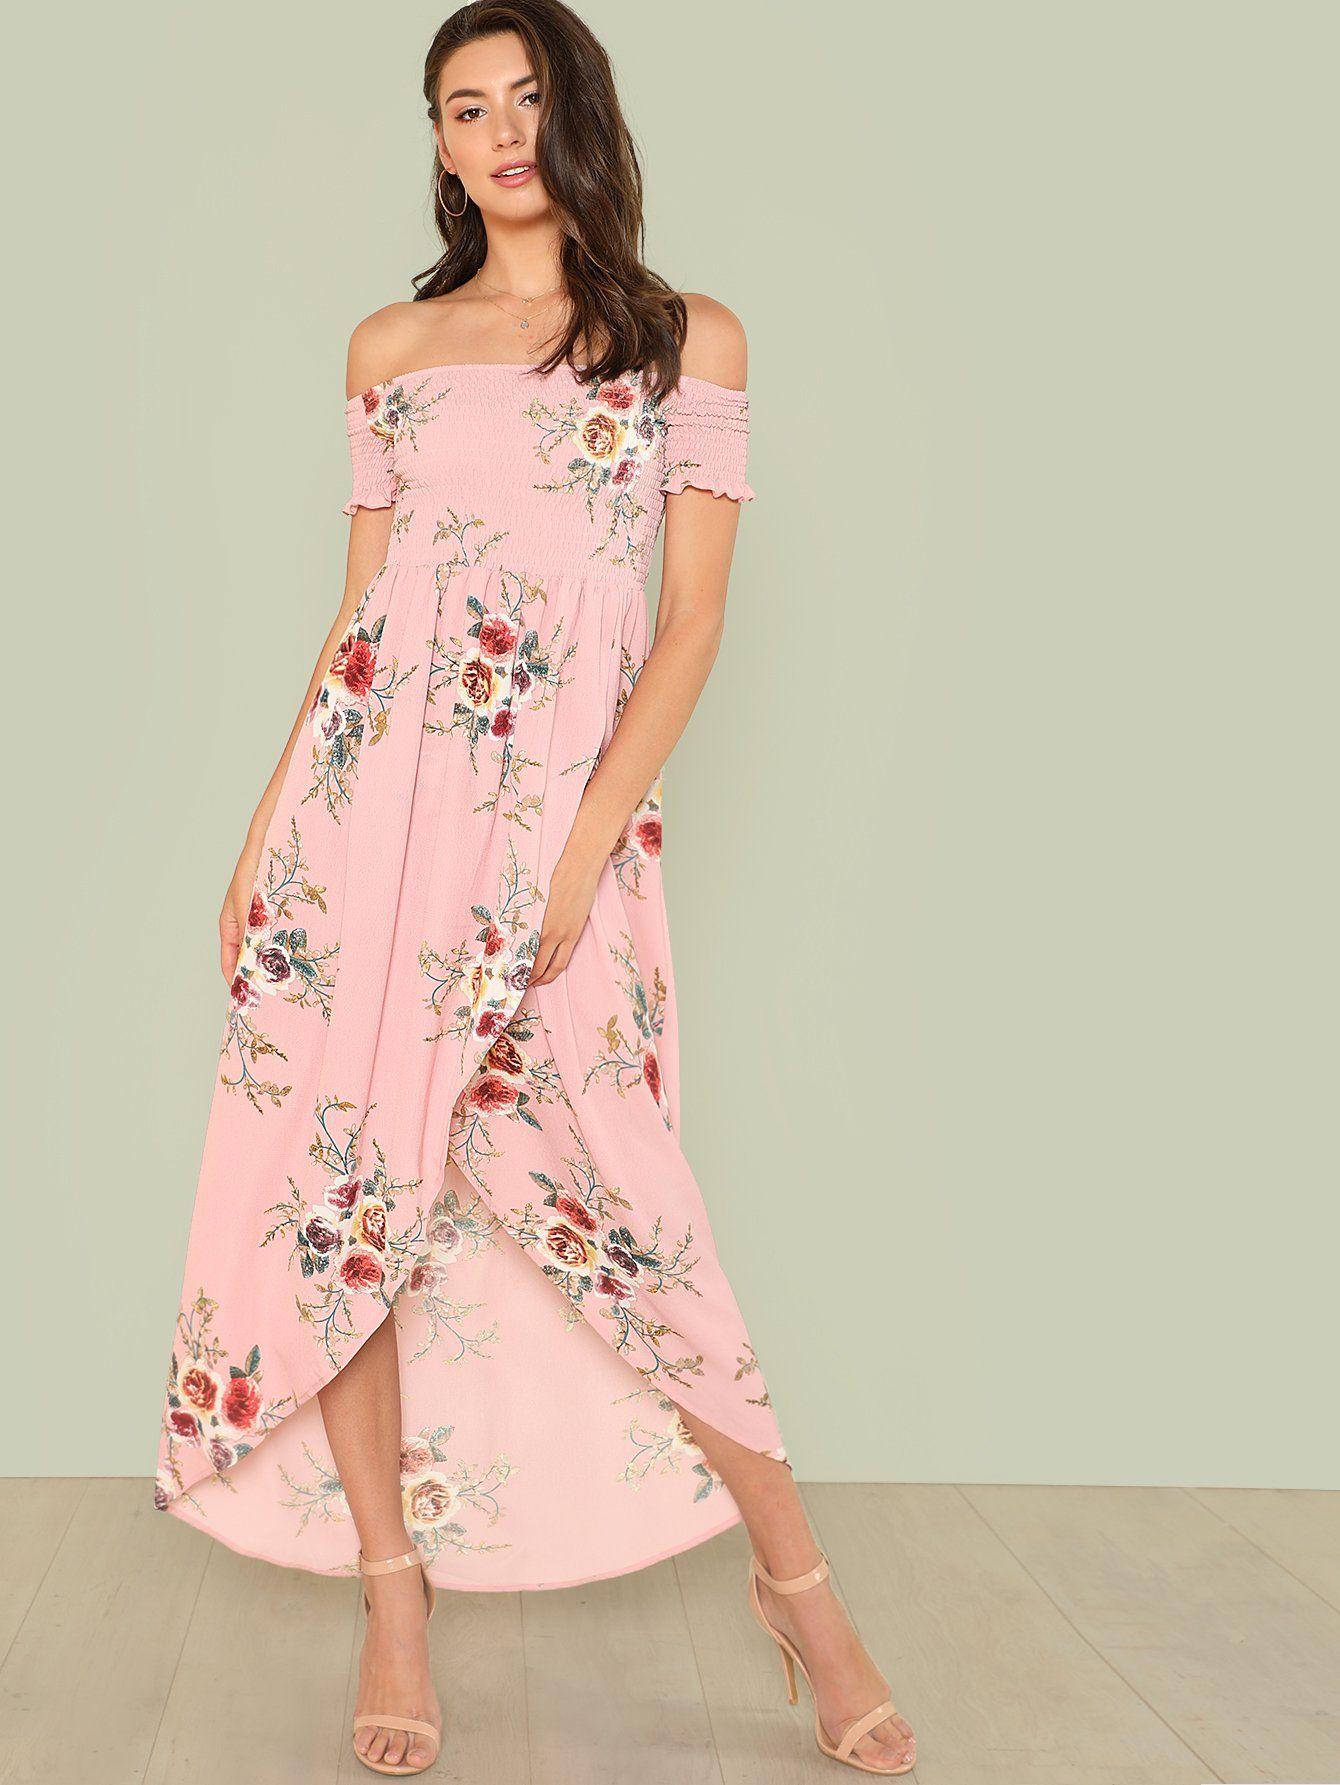 8d69adfa7b Off Shoulder Floral Overlap Dress -SheIn(Sheinside) | off shoulder ...